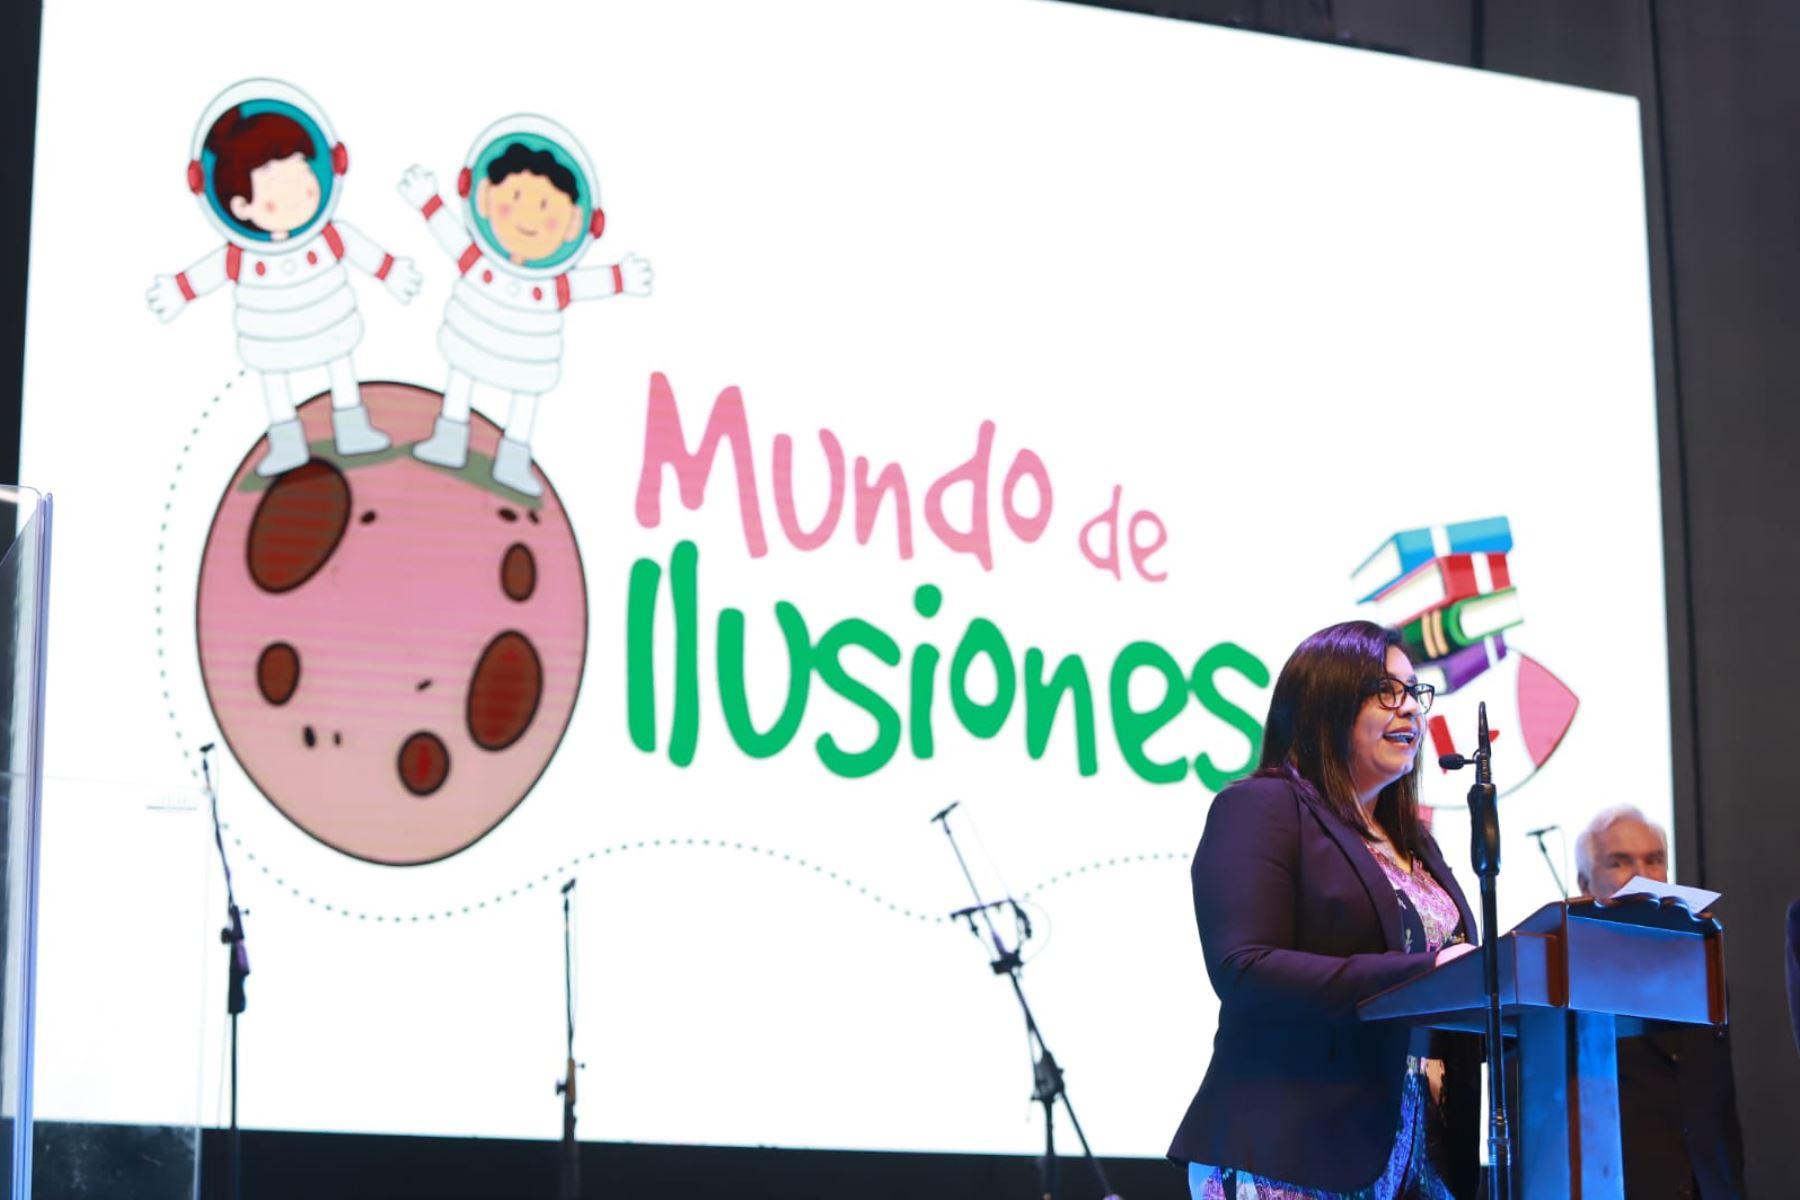 """Primera Dama, Maribel Díaz, durante la feria multisectorial """"Mundo de ilusiones"""", iniciativa que promueve cultura, conocimiento y el desarrollo de valores en niños y adolescentes en condición de vulnerabilidad. Foto: ANDINA/ Prensa Presidencia"""